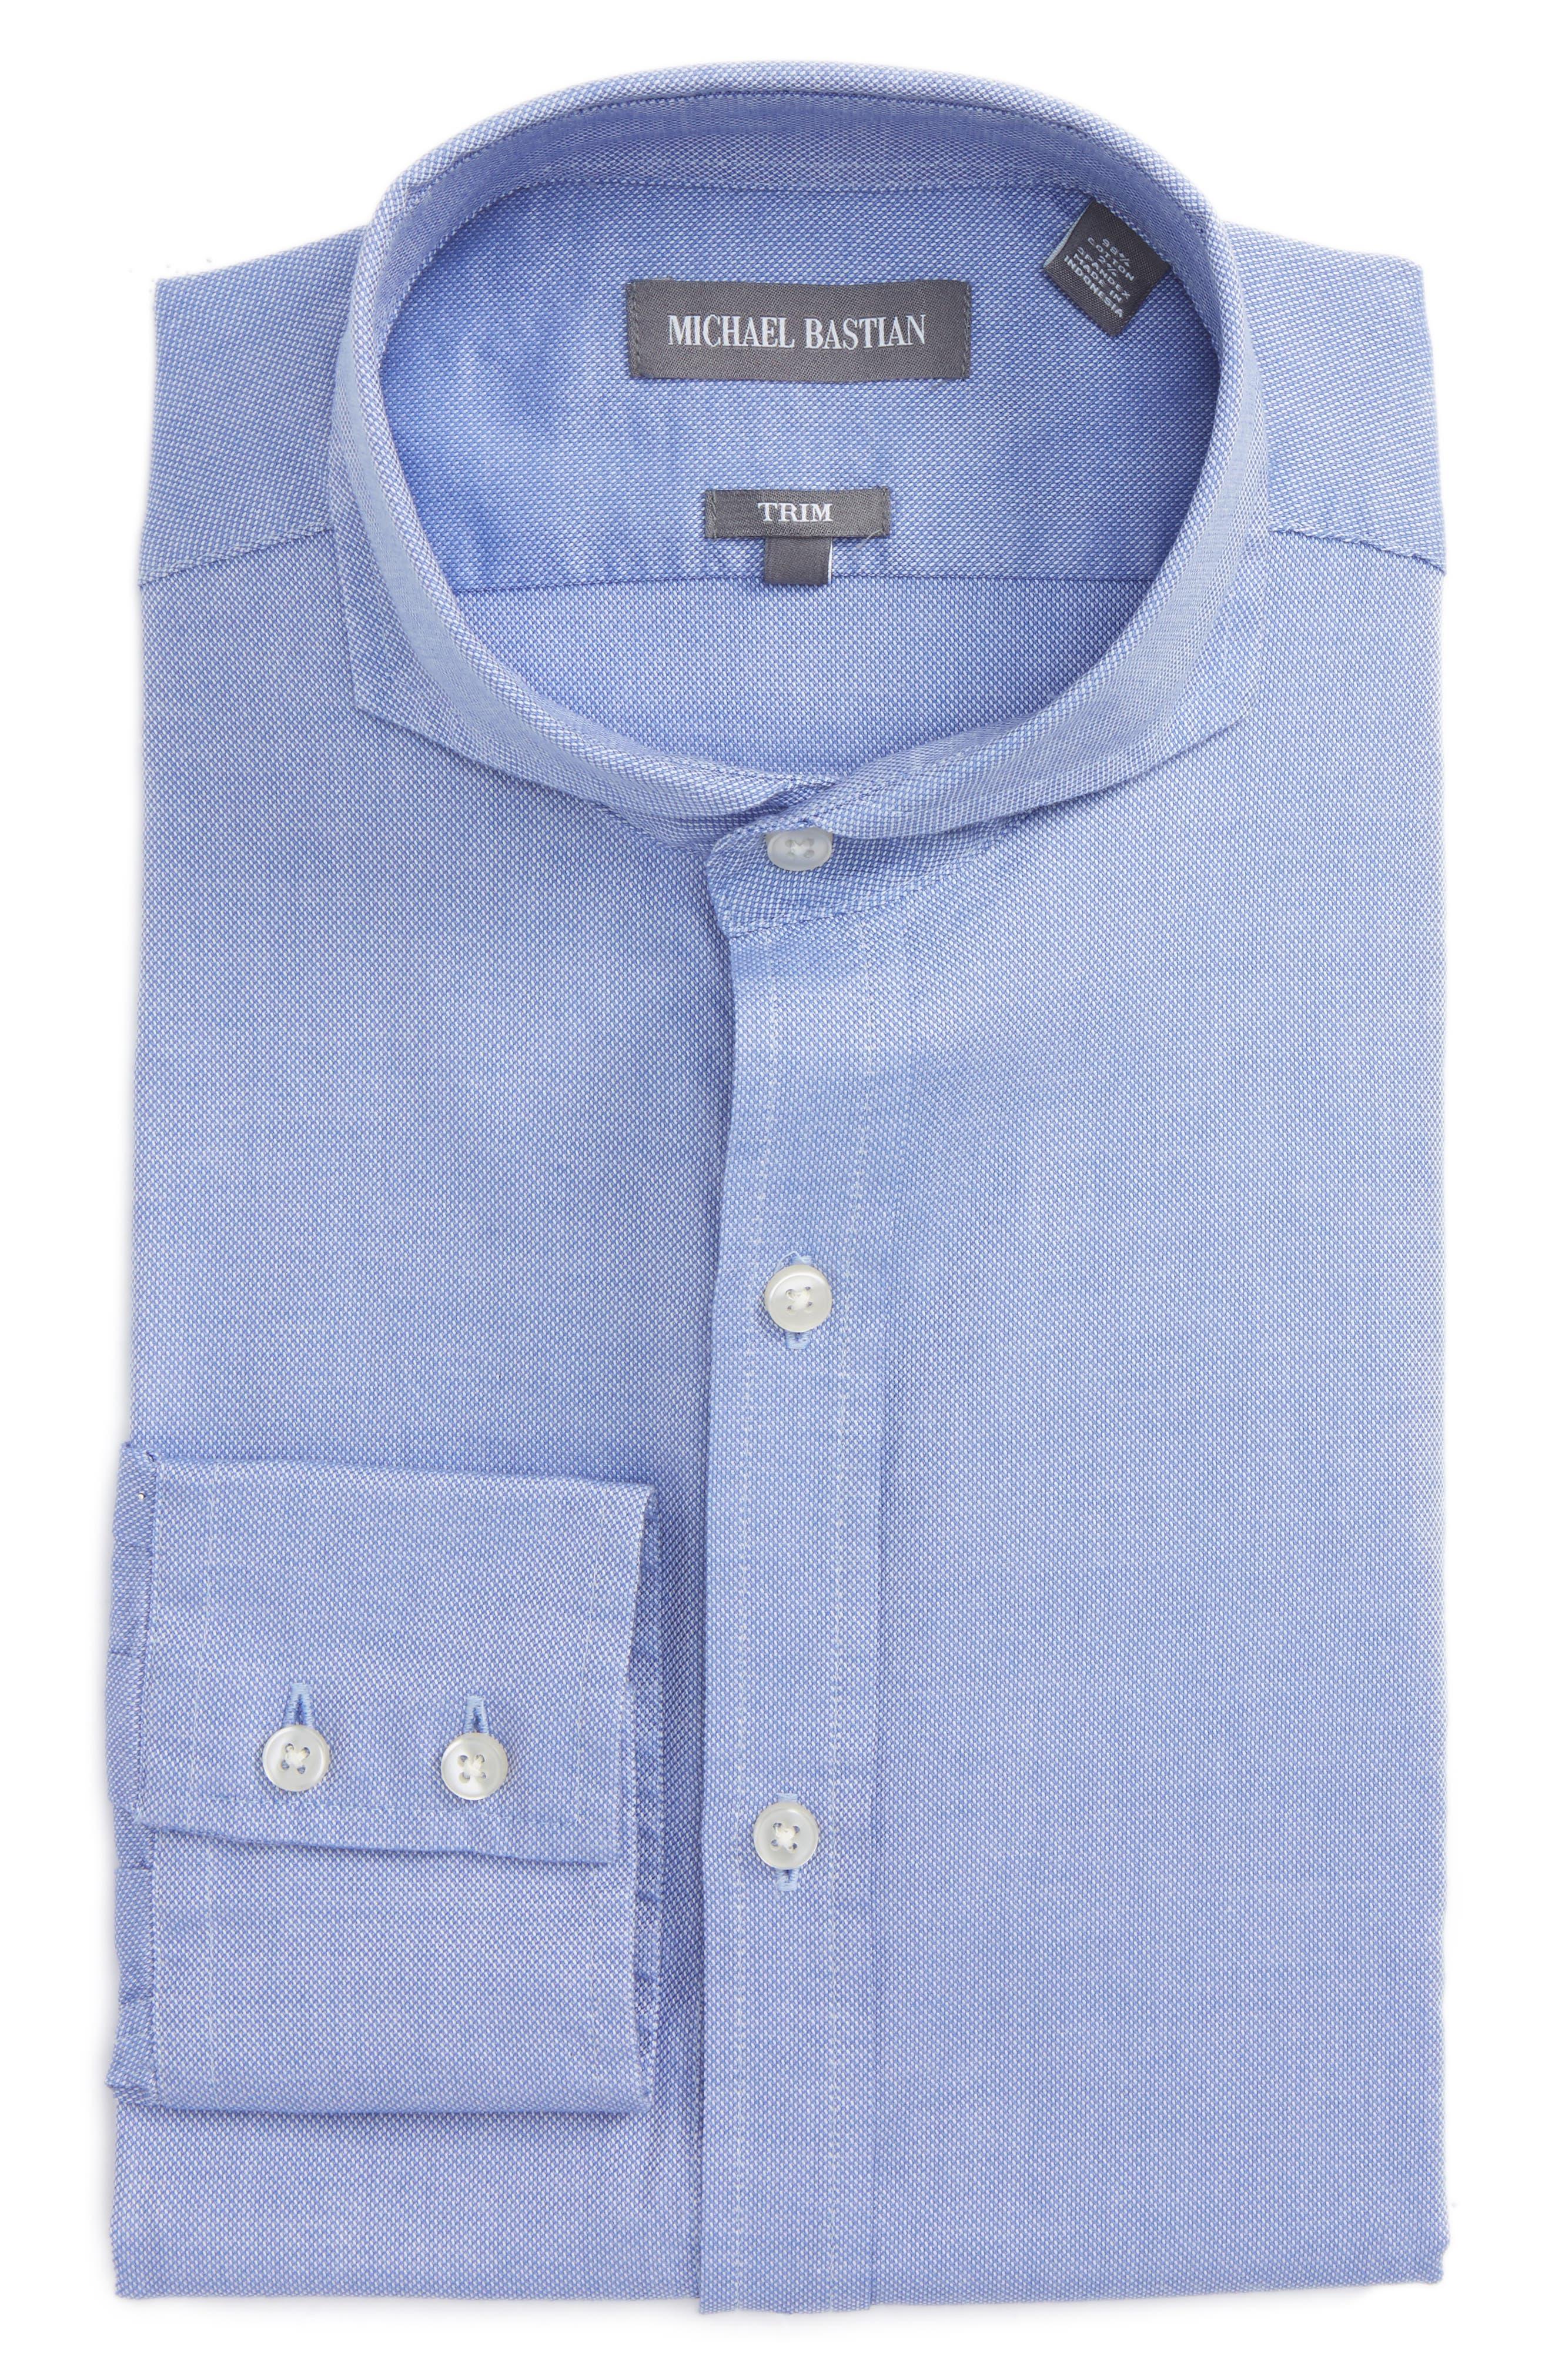 Trim Fit Oxford Dress Shirt,                         Main,                         color,